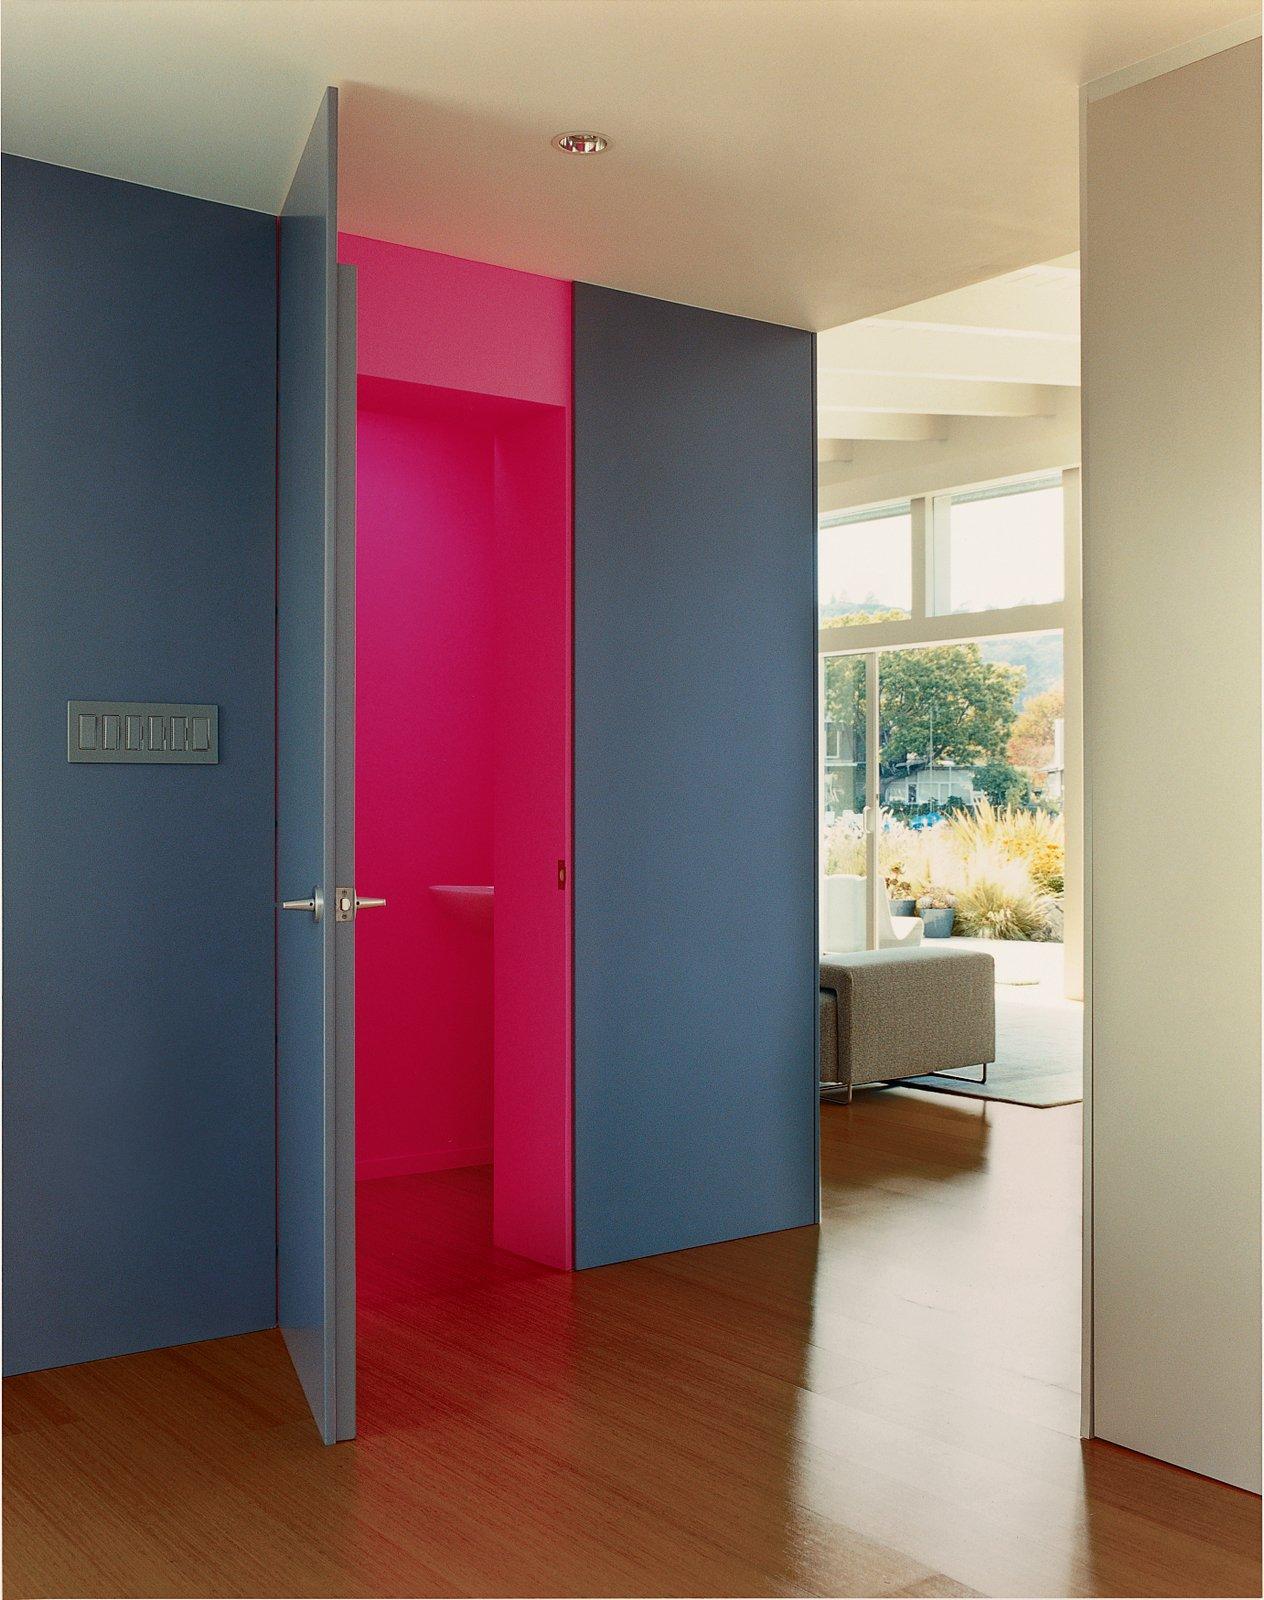 In the foyer, Deam left one surprise: The neon-pink guest bathroom is hidden behind heavy, dark-gray walls. Best Photos